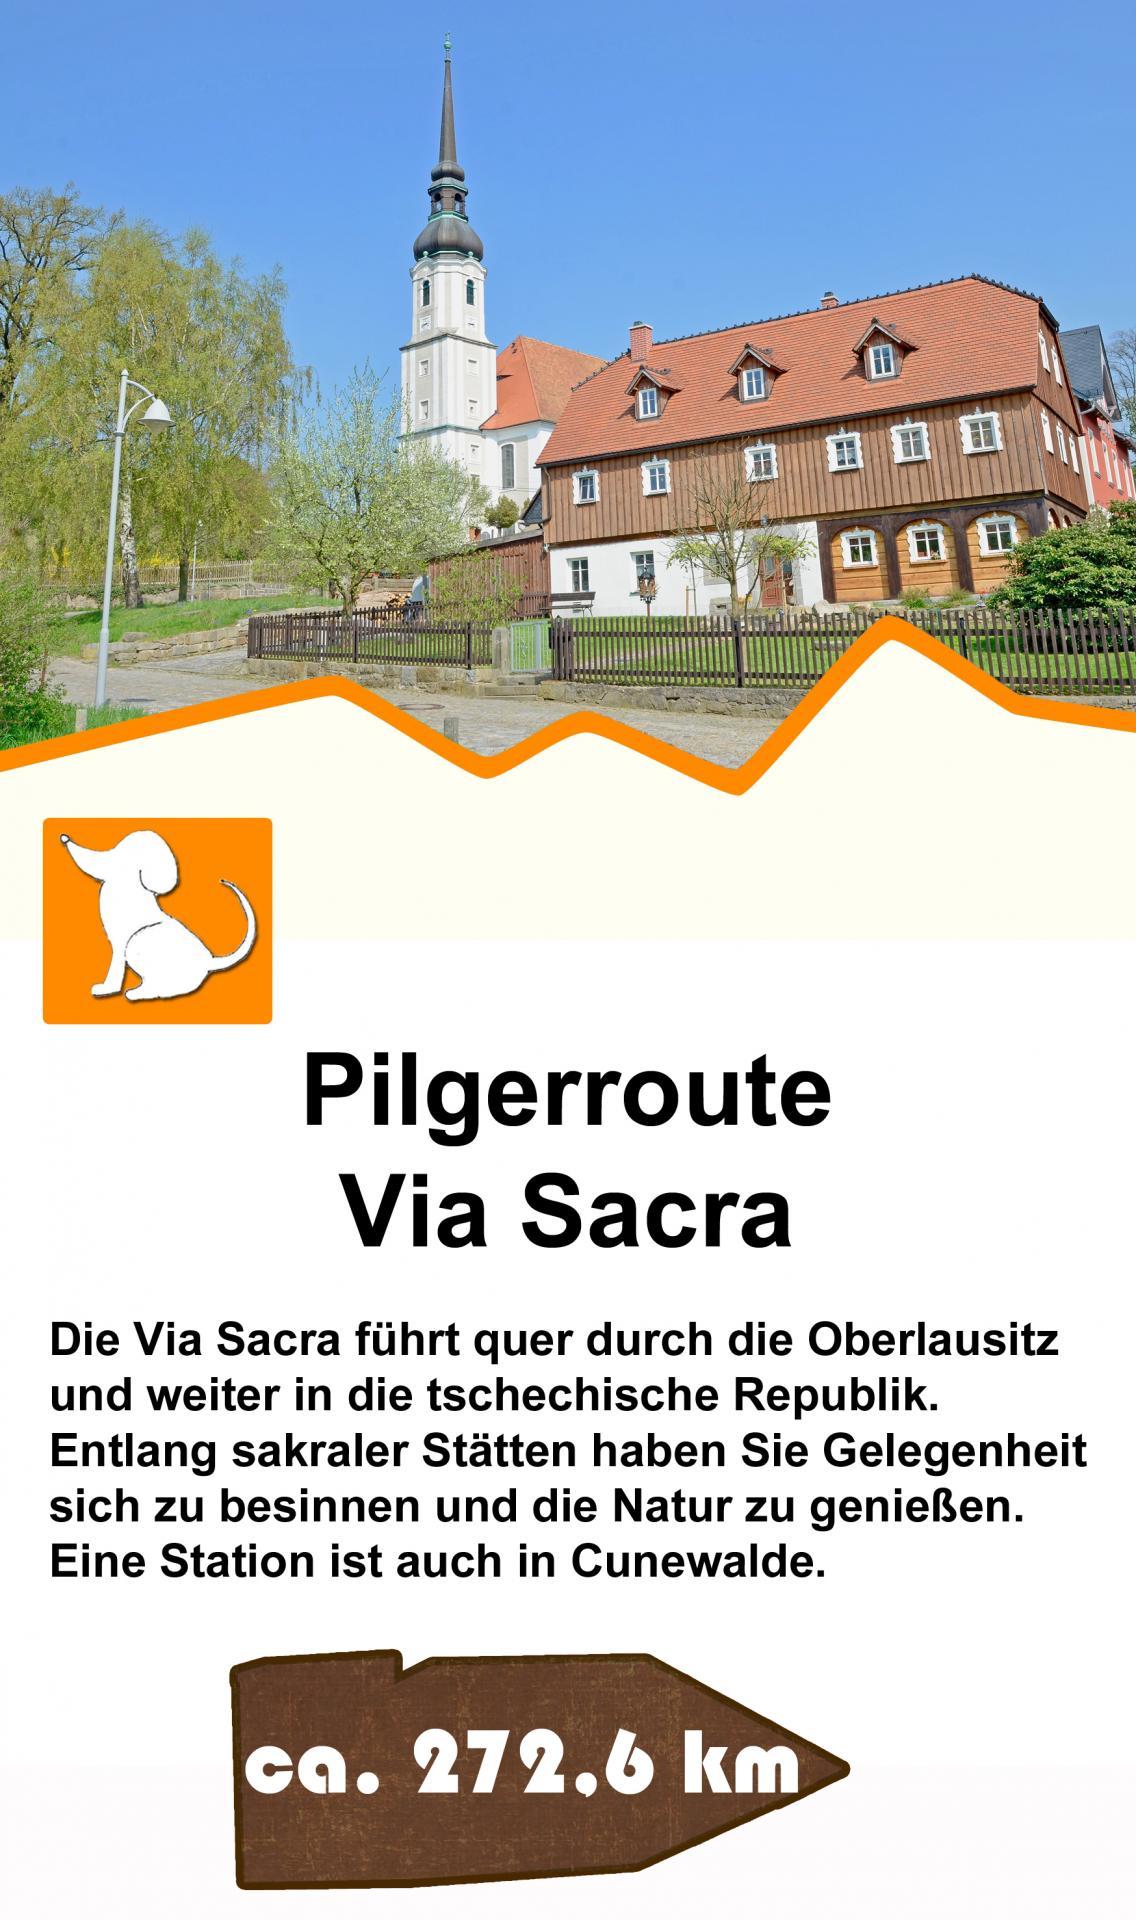 Via Sacra Pilgerroute